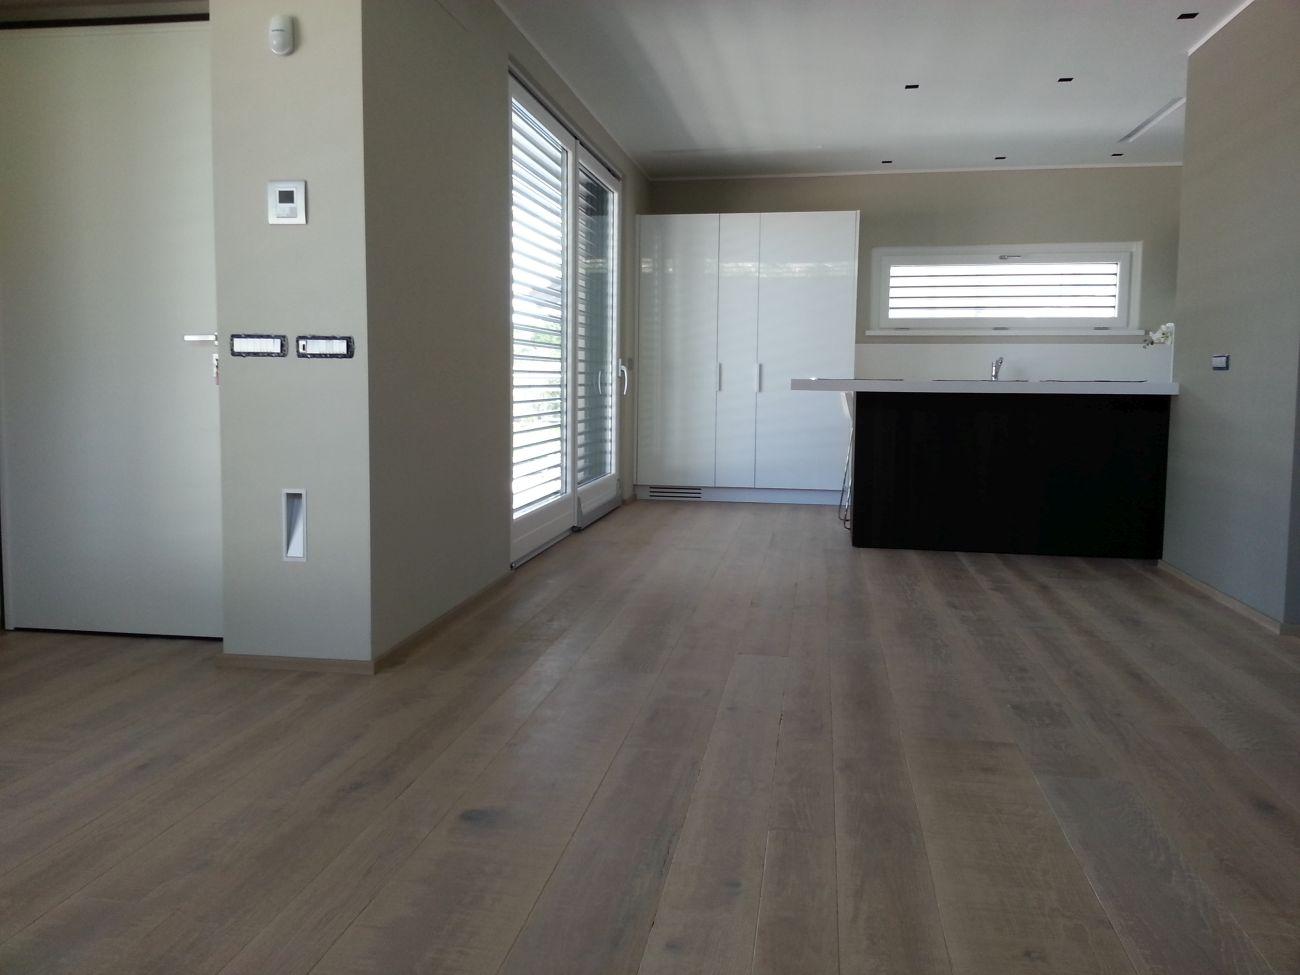 Parquet per interni soriano pavimenti in legno - Pavimenti lucidi per interni ...